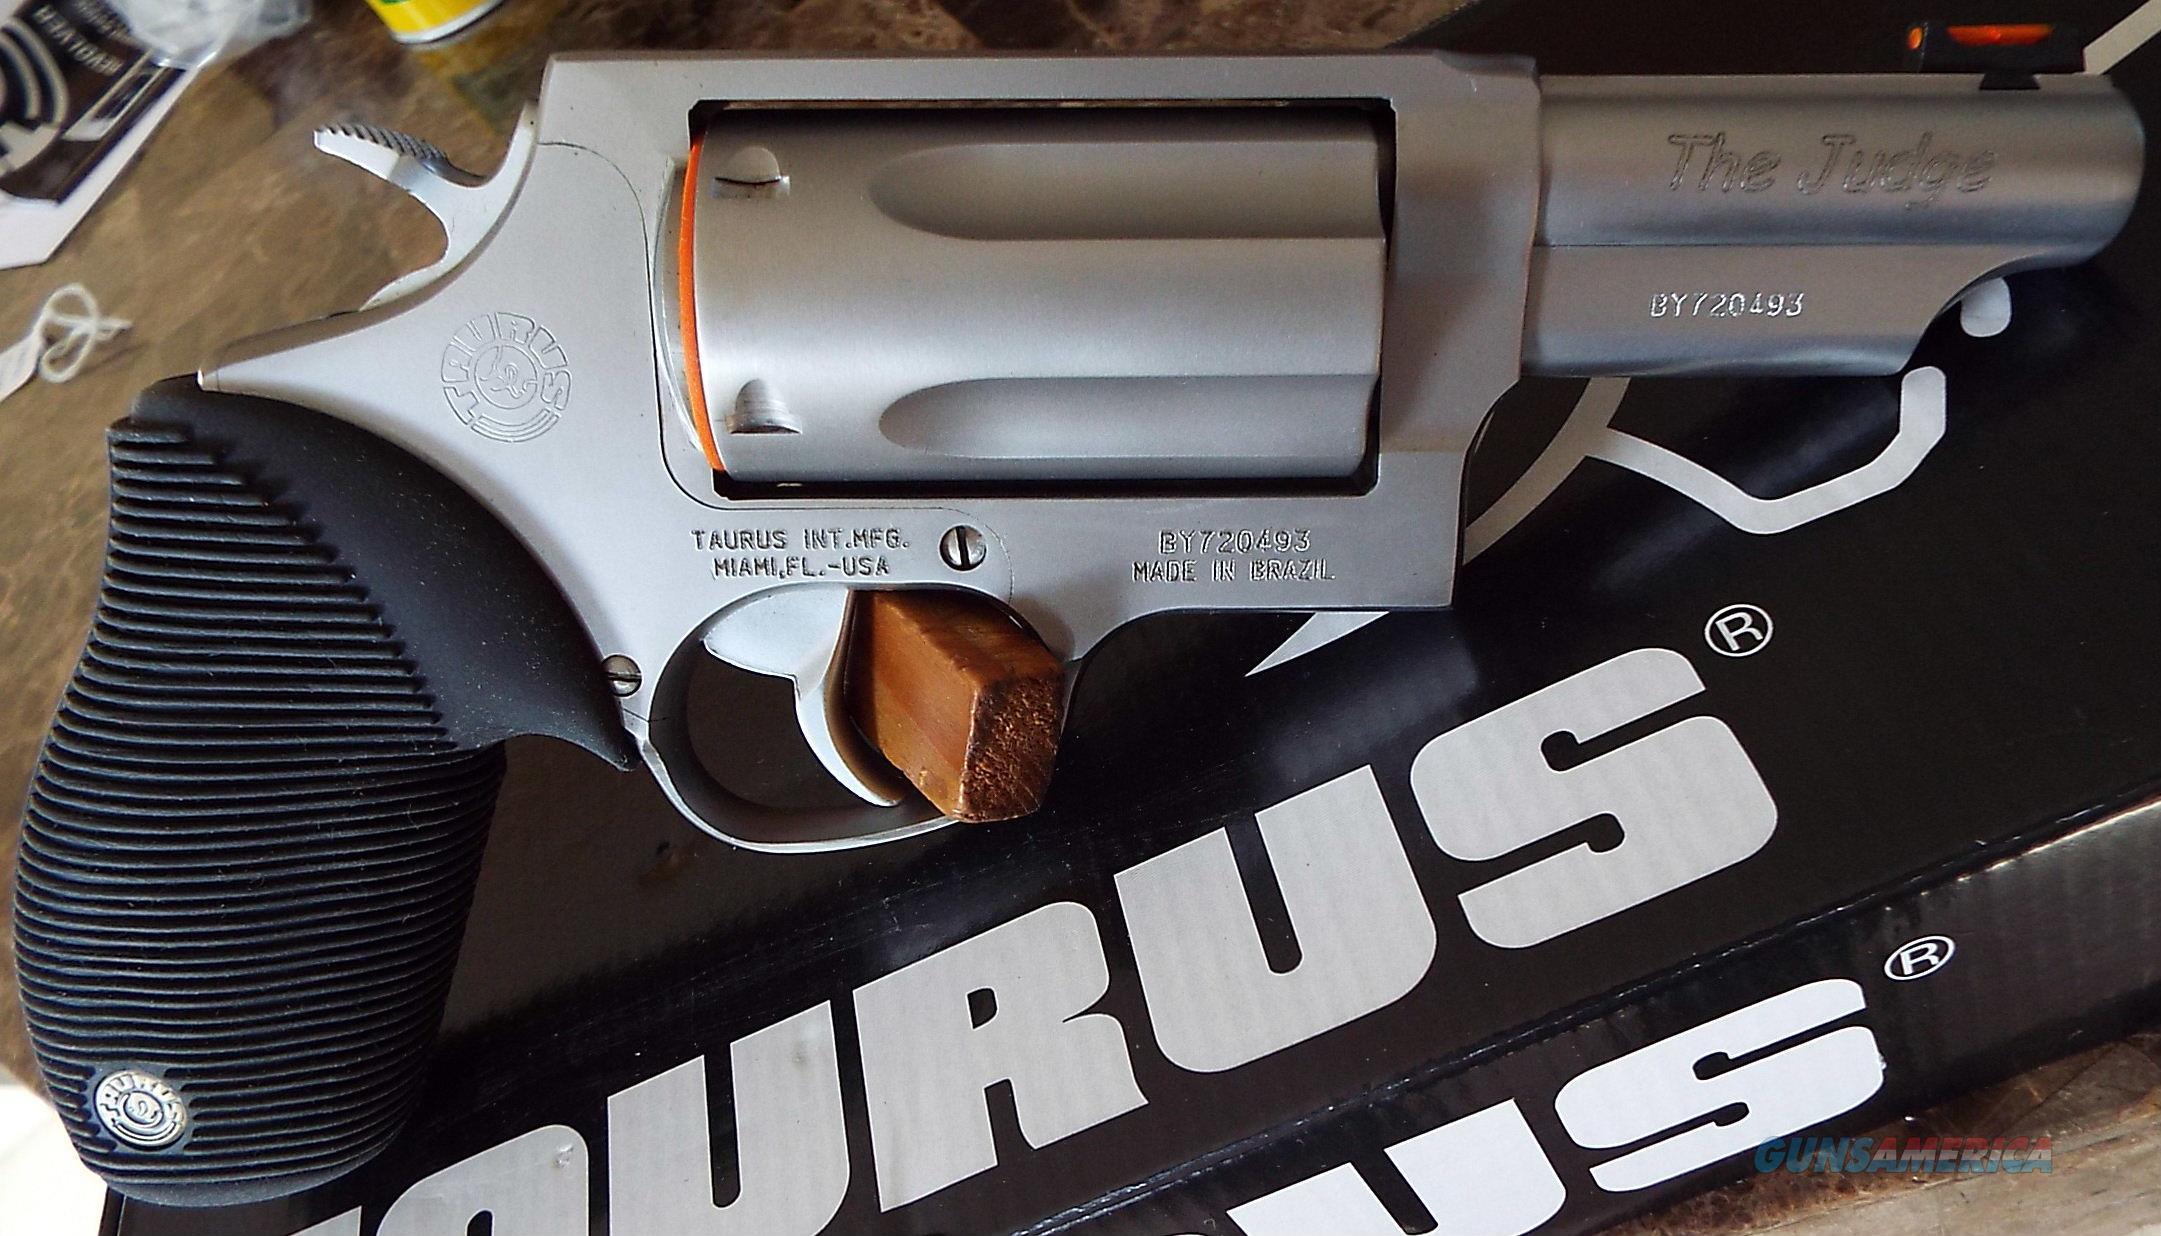 Taurus JUDGE 4410 Stainless 45 LC / 410 ga.      New!       LAYAWAY OPTION     2441039T  Guns > Pistols > Taurus Pistols > Revolvers